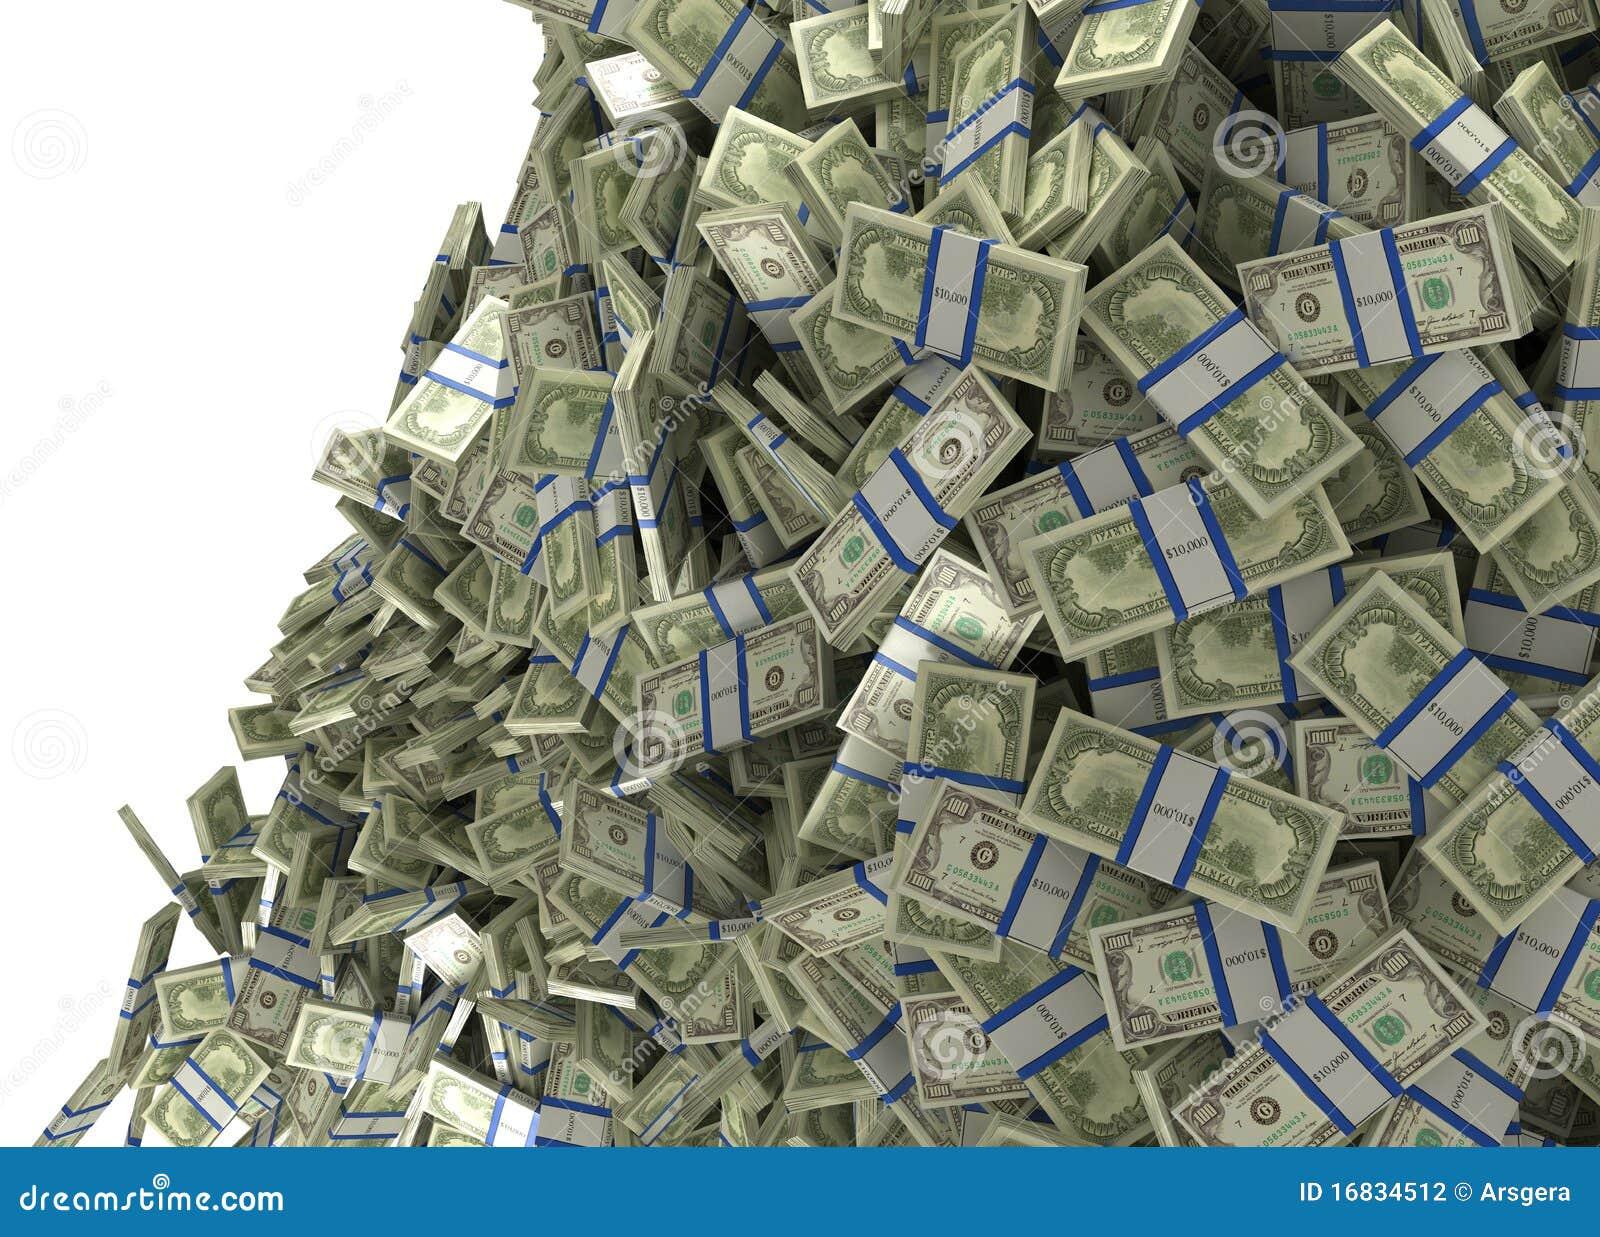 Mucho Dinero Y Abundancia El Caer De Los Manojos De Dólar Americano